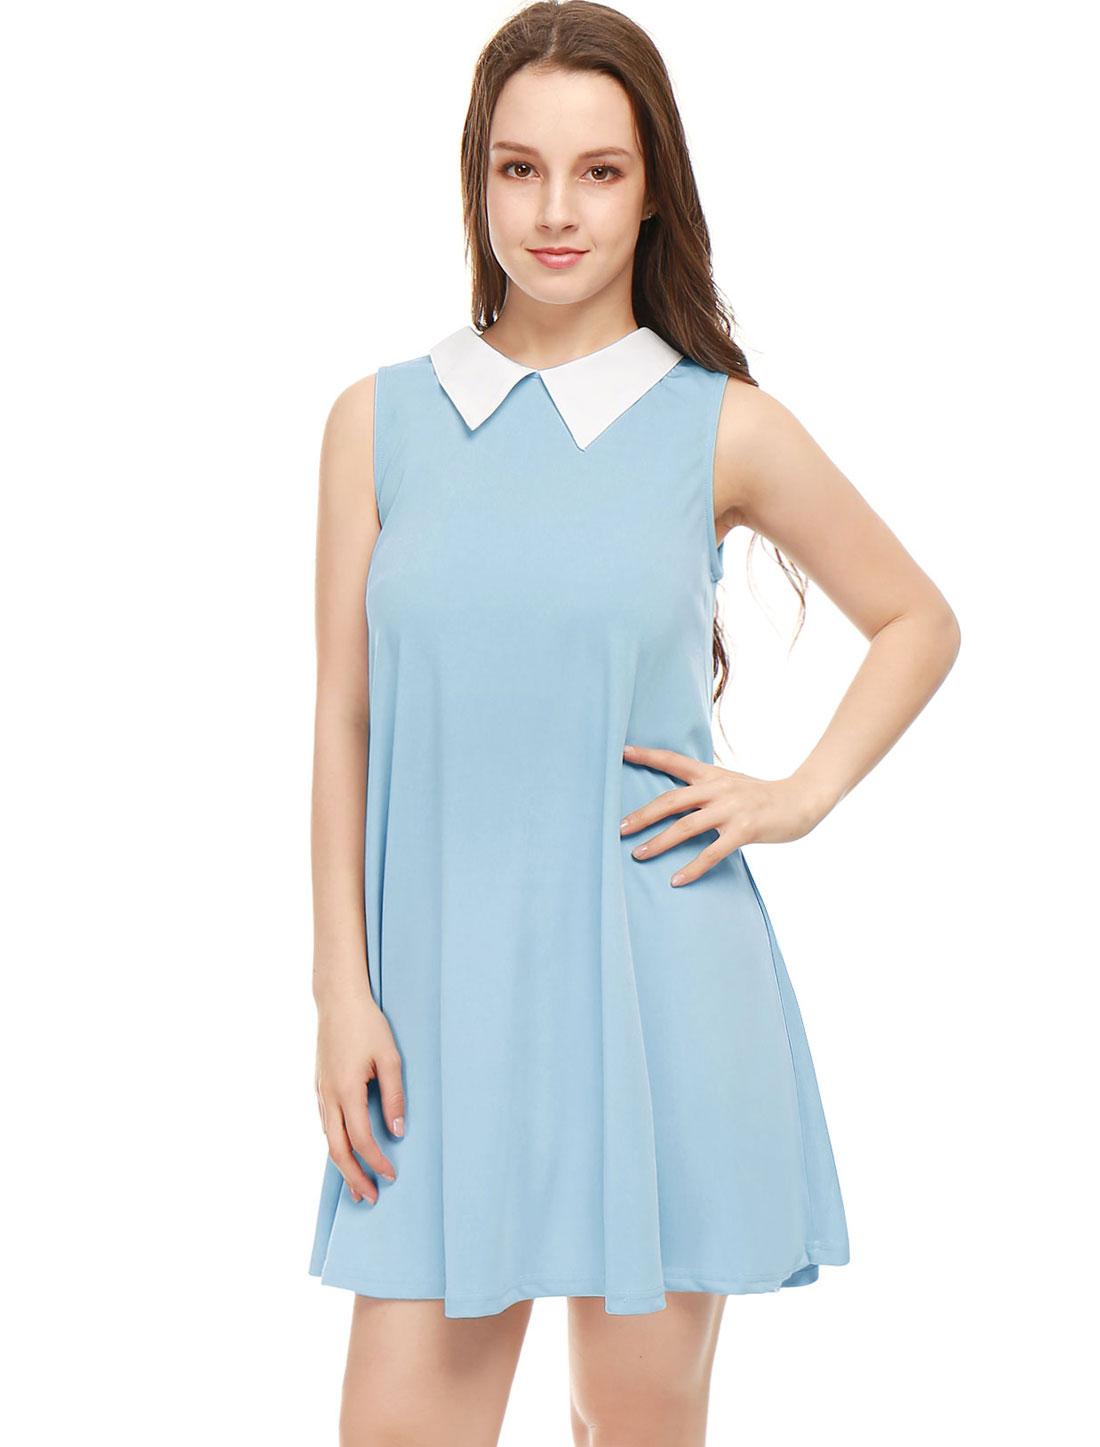 Women Contrast Color Peter Pan Collar Sleeveless Swing Dress Blue XL